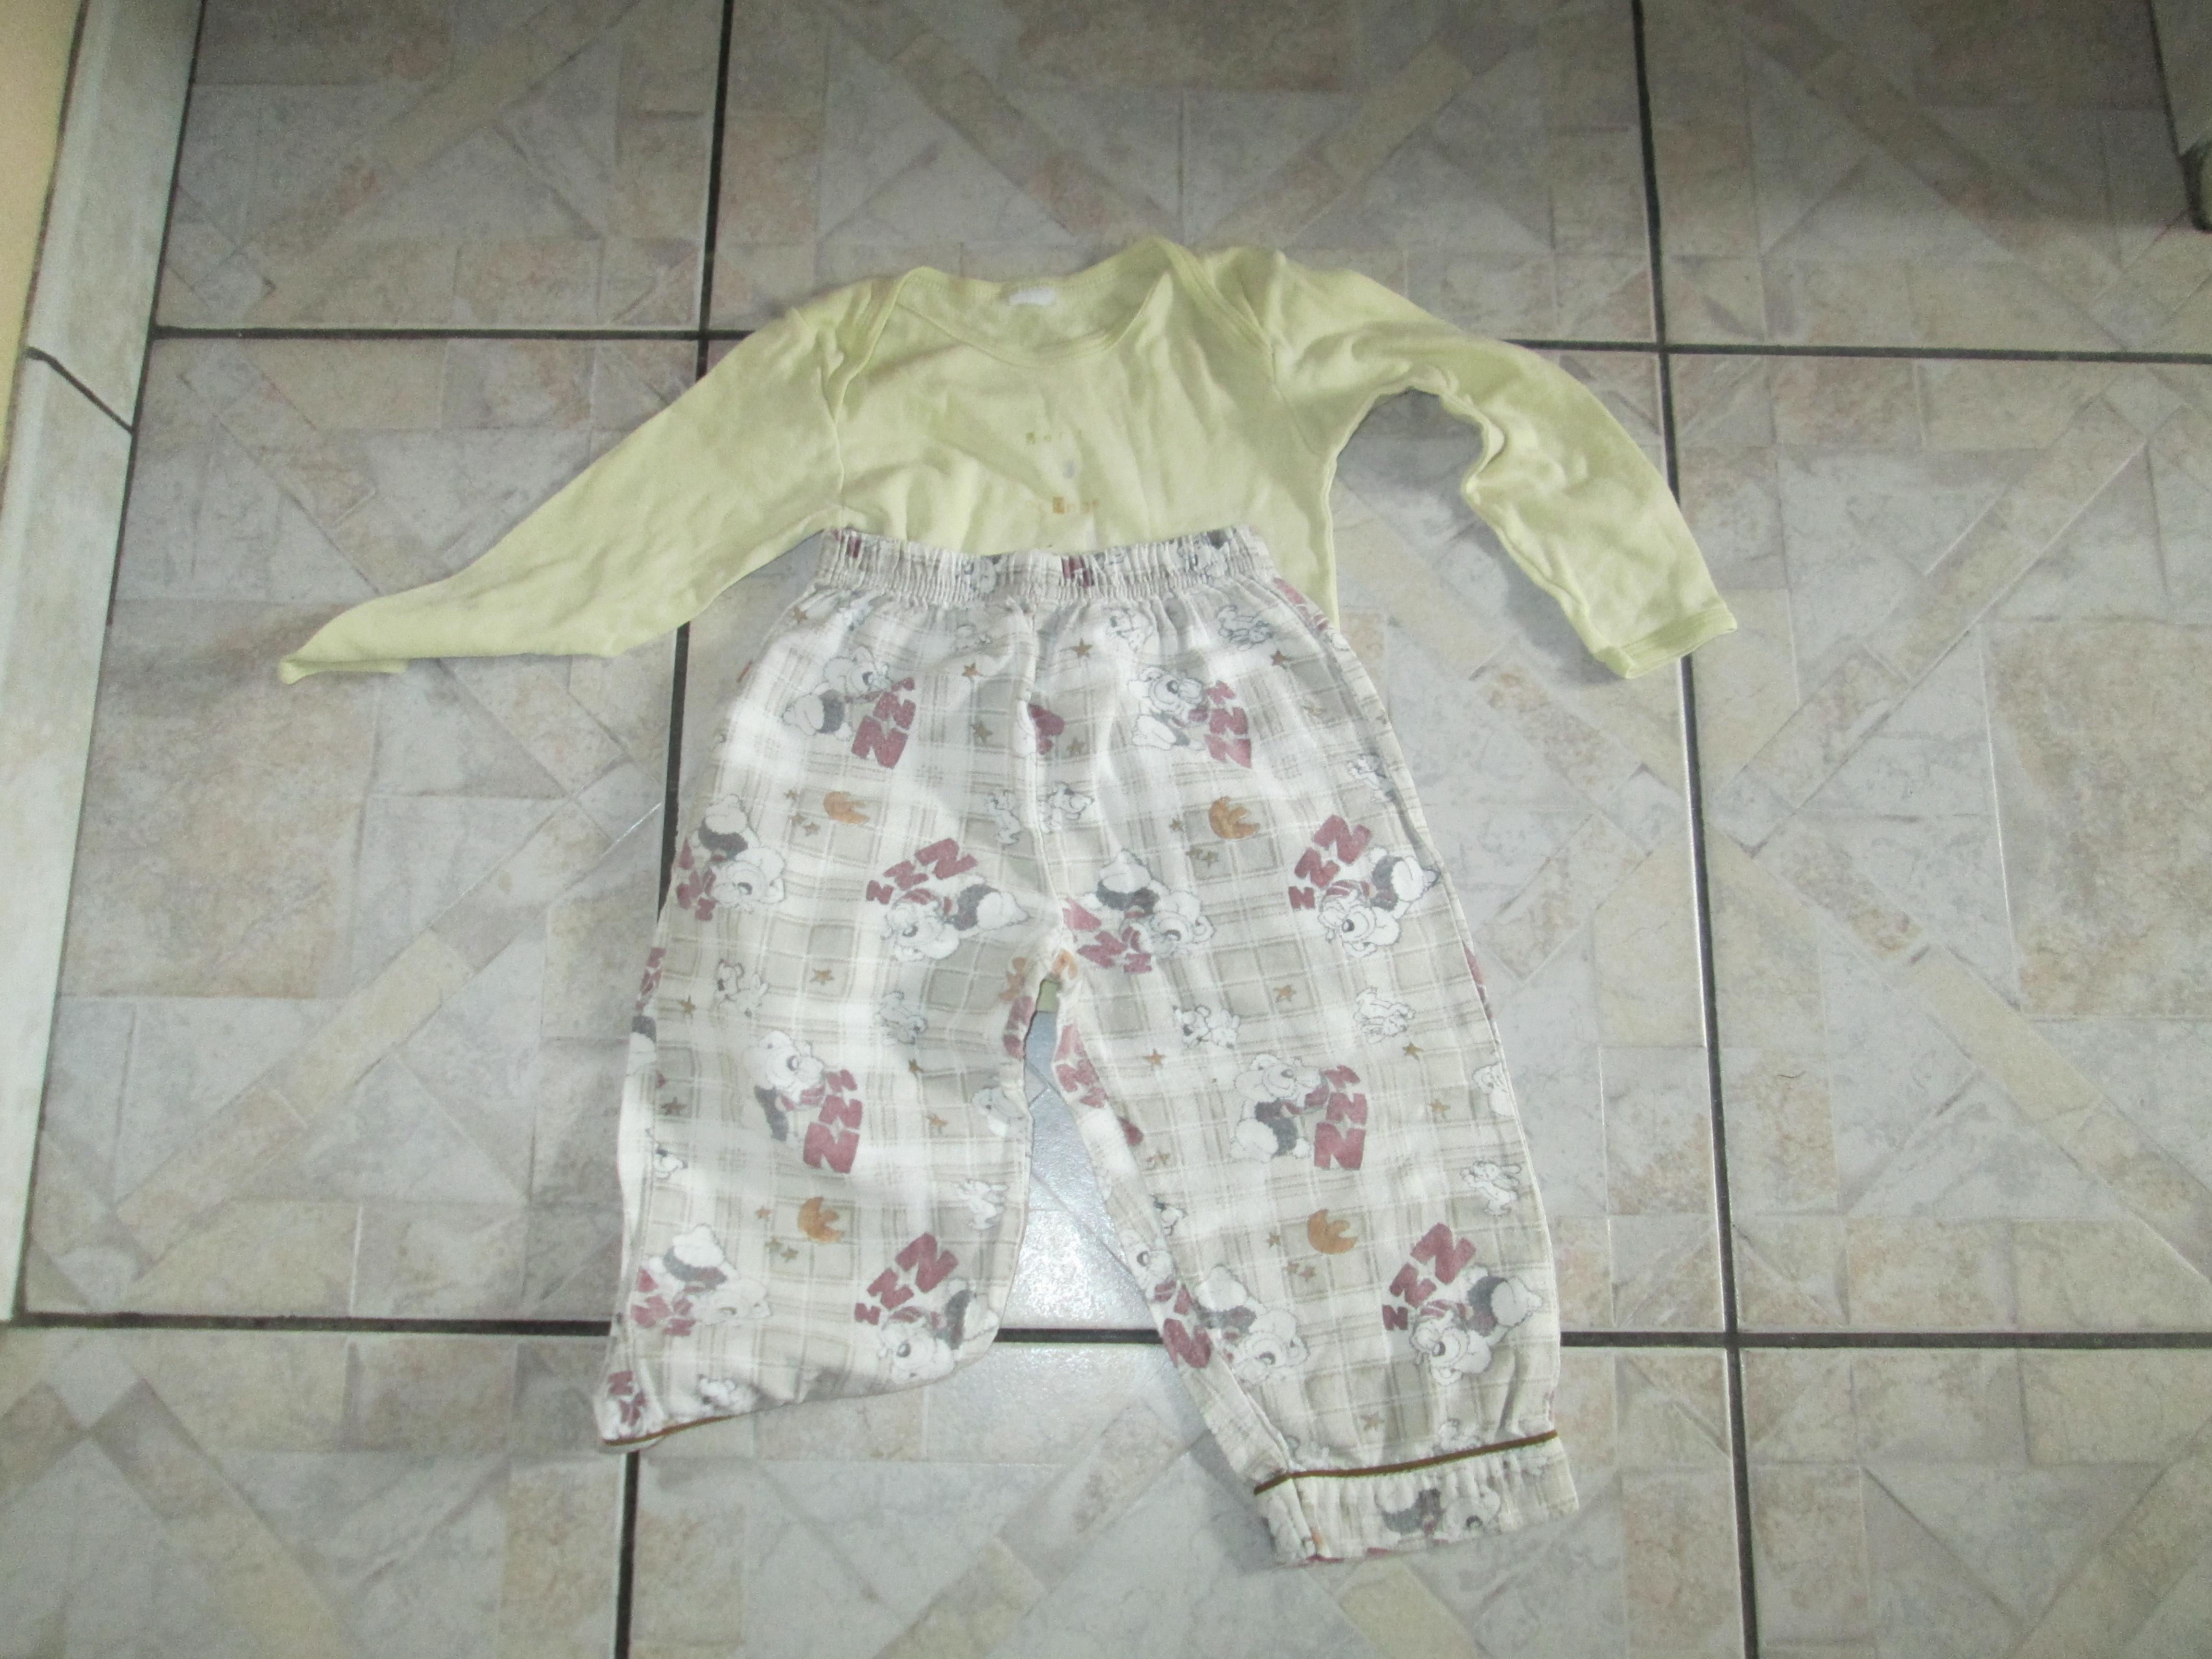 troc de troc culotte de pyjama 2 ans et petite chemise correct 3 noisettes image 0